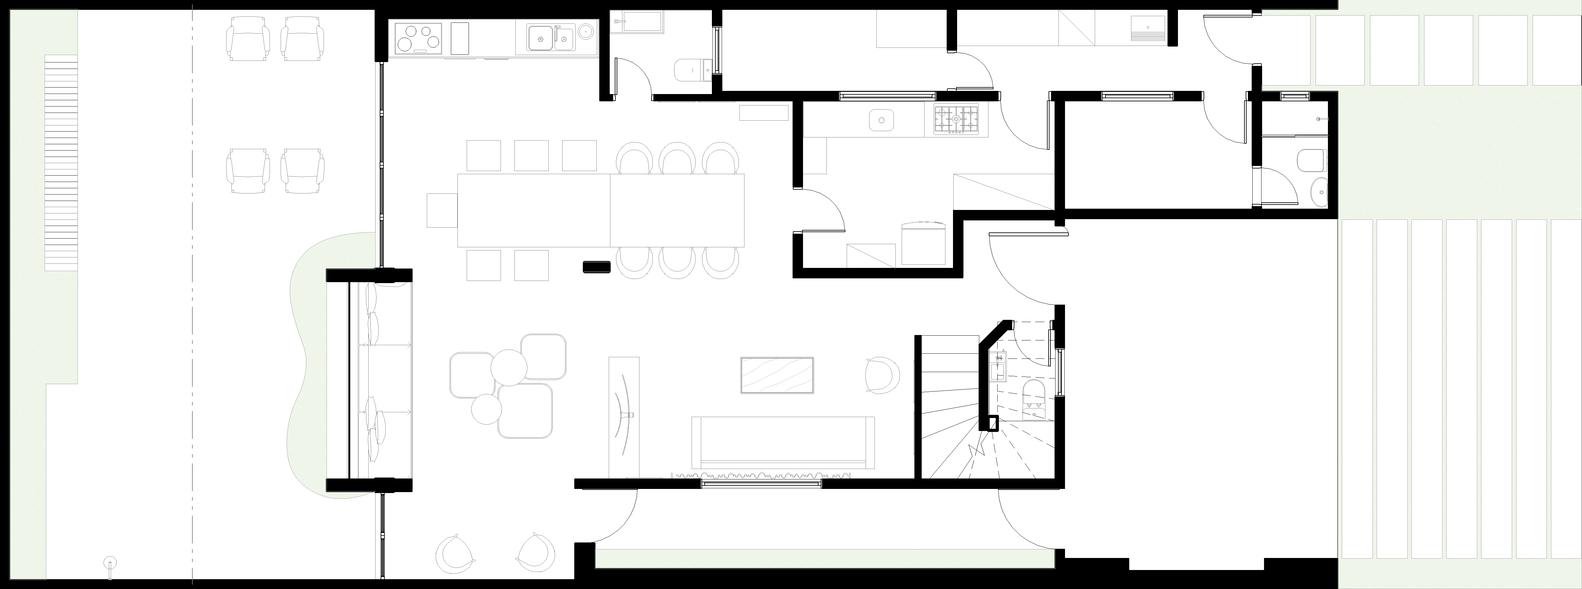 hình ảnh sơ đồ bố trí nội thất nhà